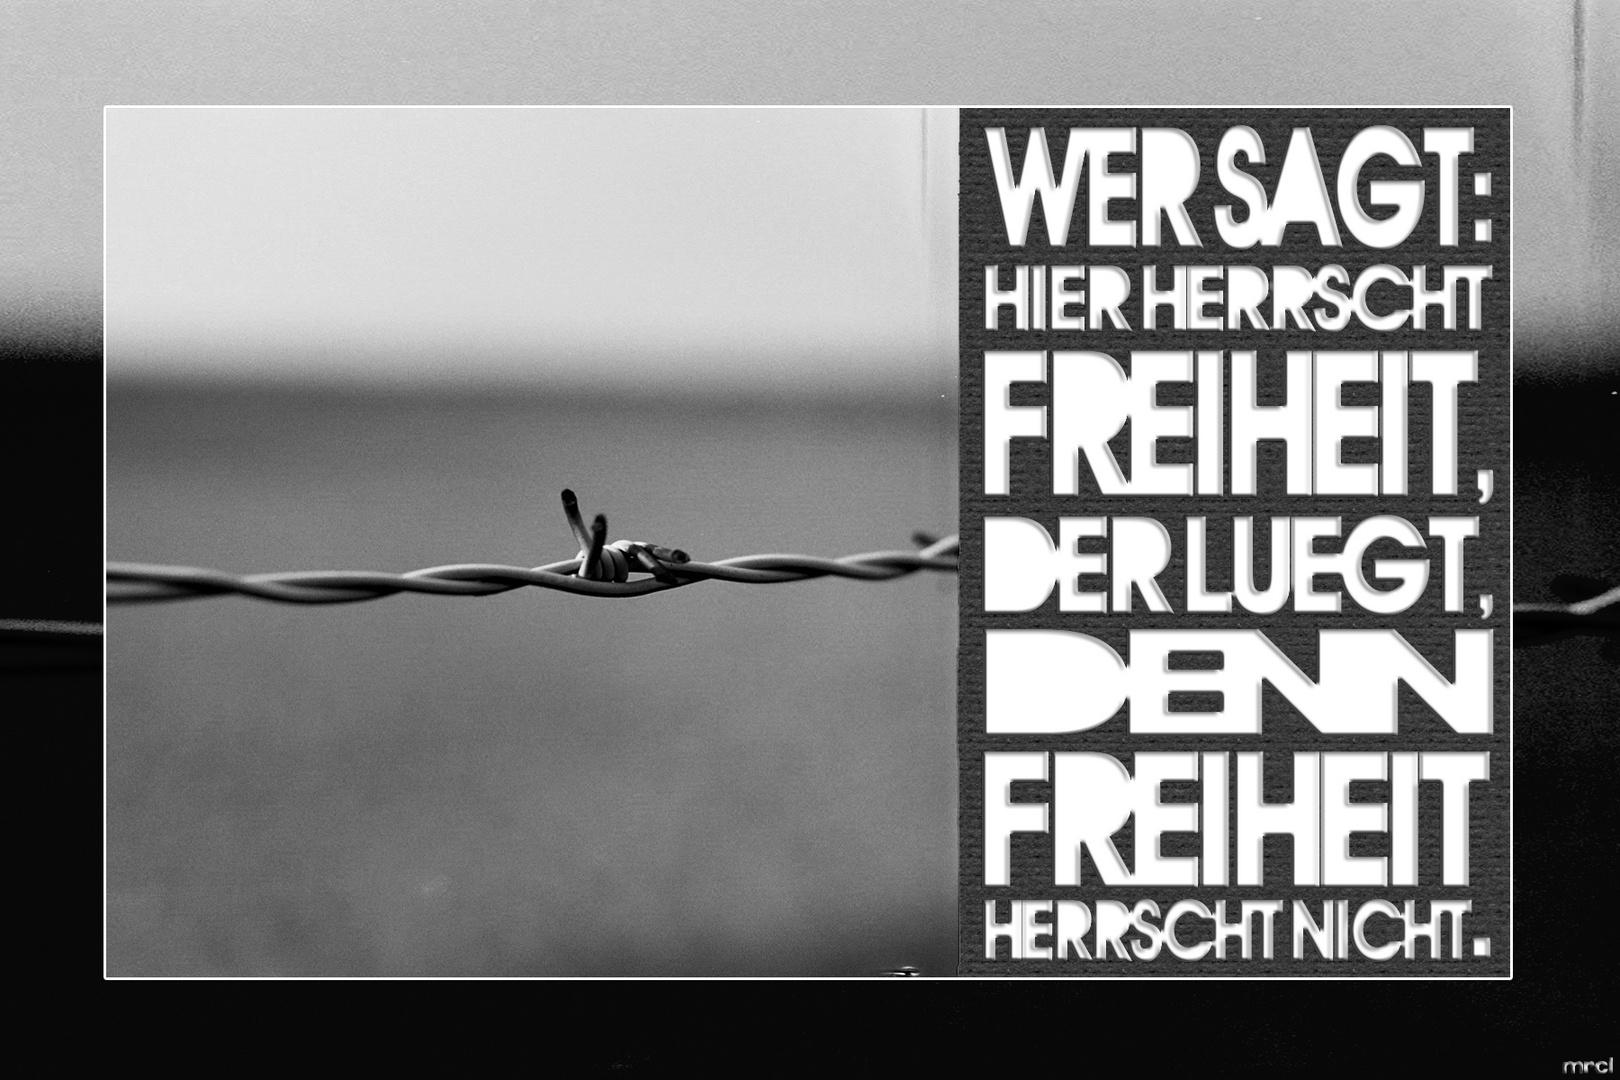 Wer sagt: Hier herrscht Freiheit, der lügt, denn Freiheit herrscht nicht.